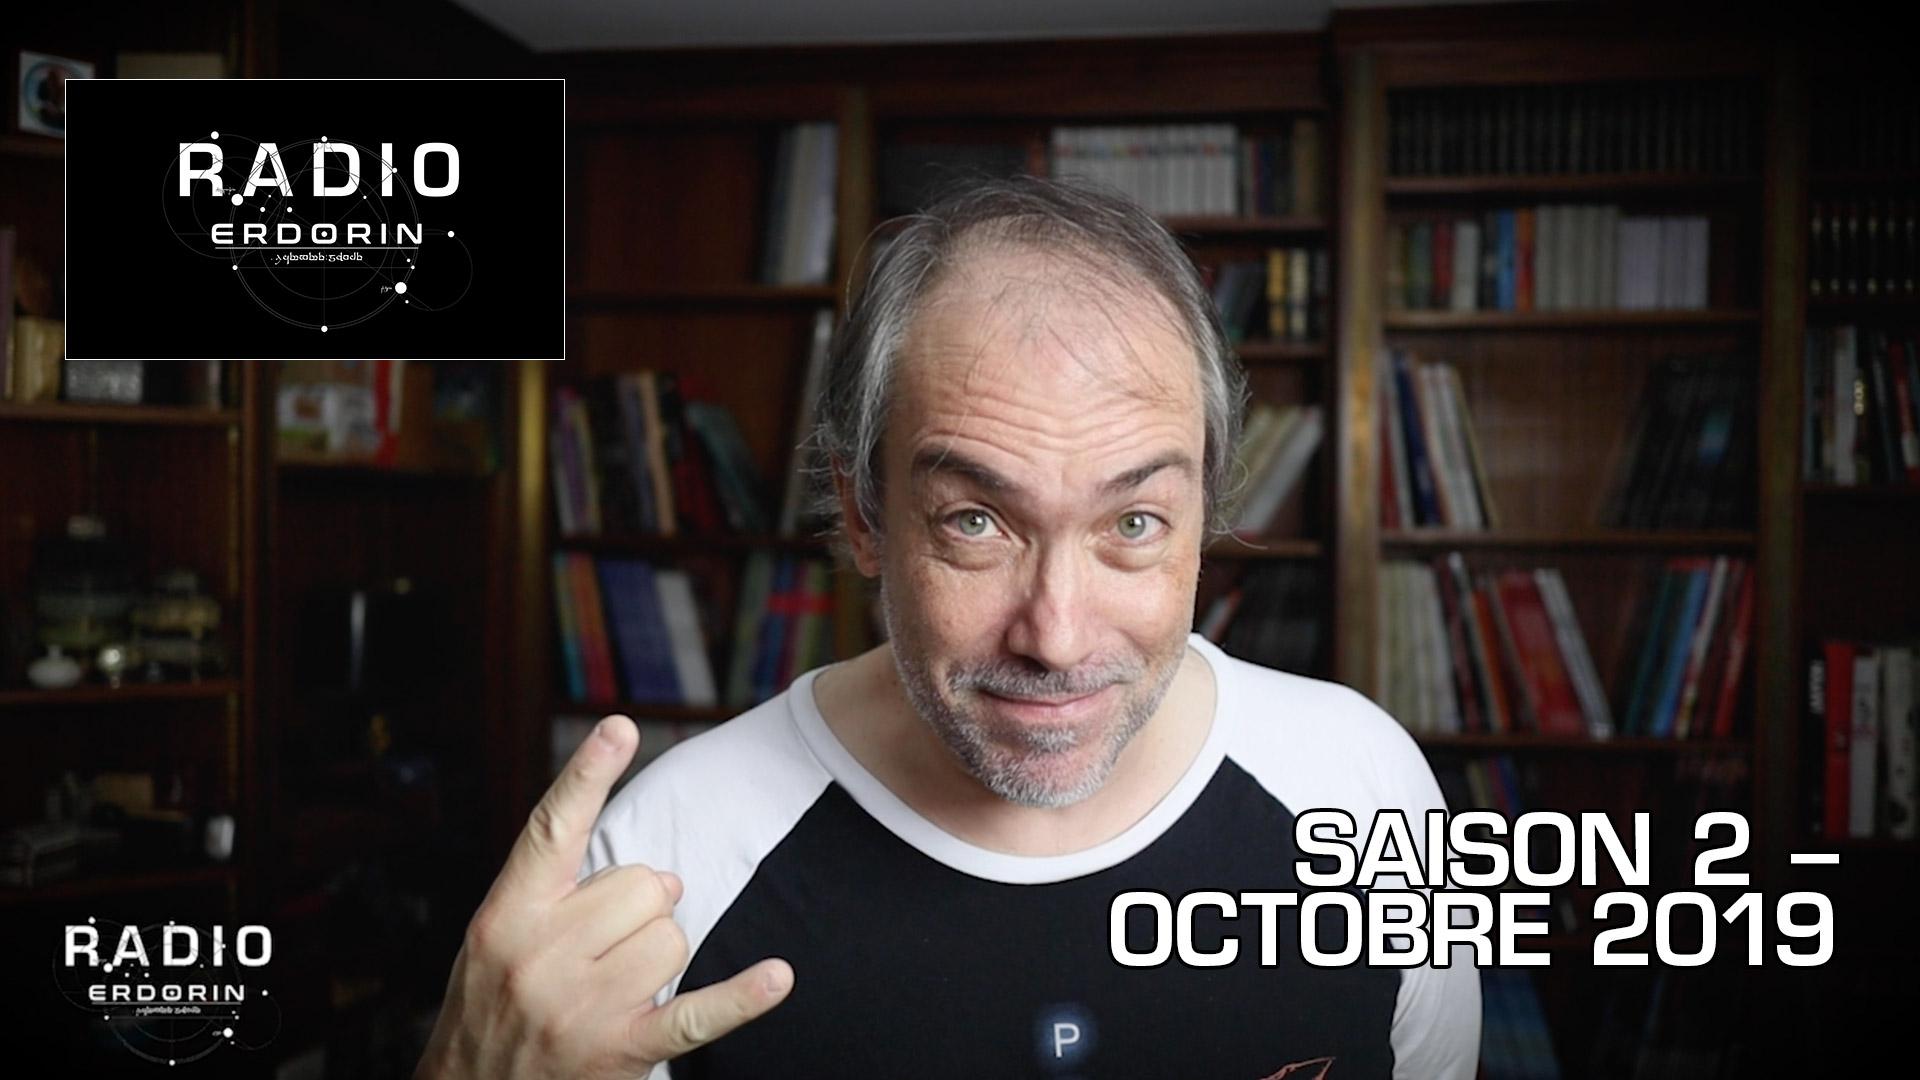 Radio-Erdorin S2E10 – Octobre 2019